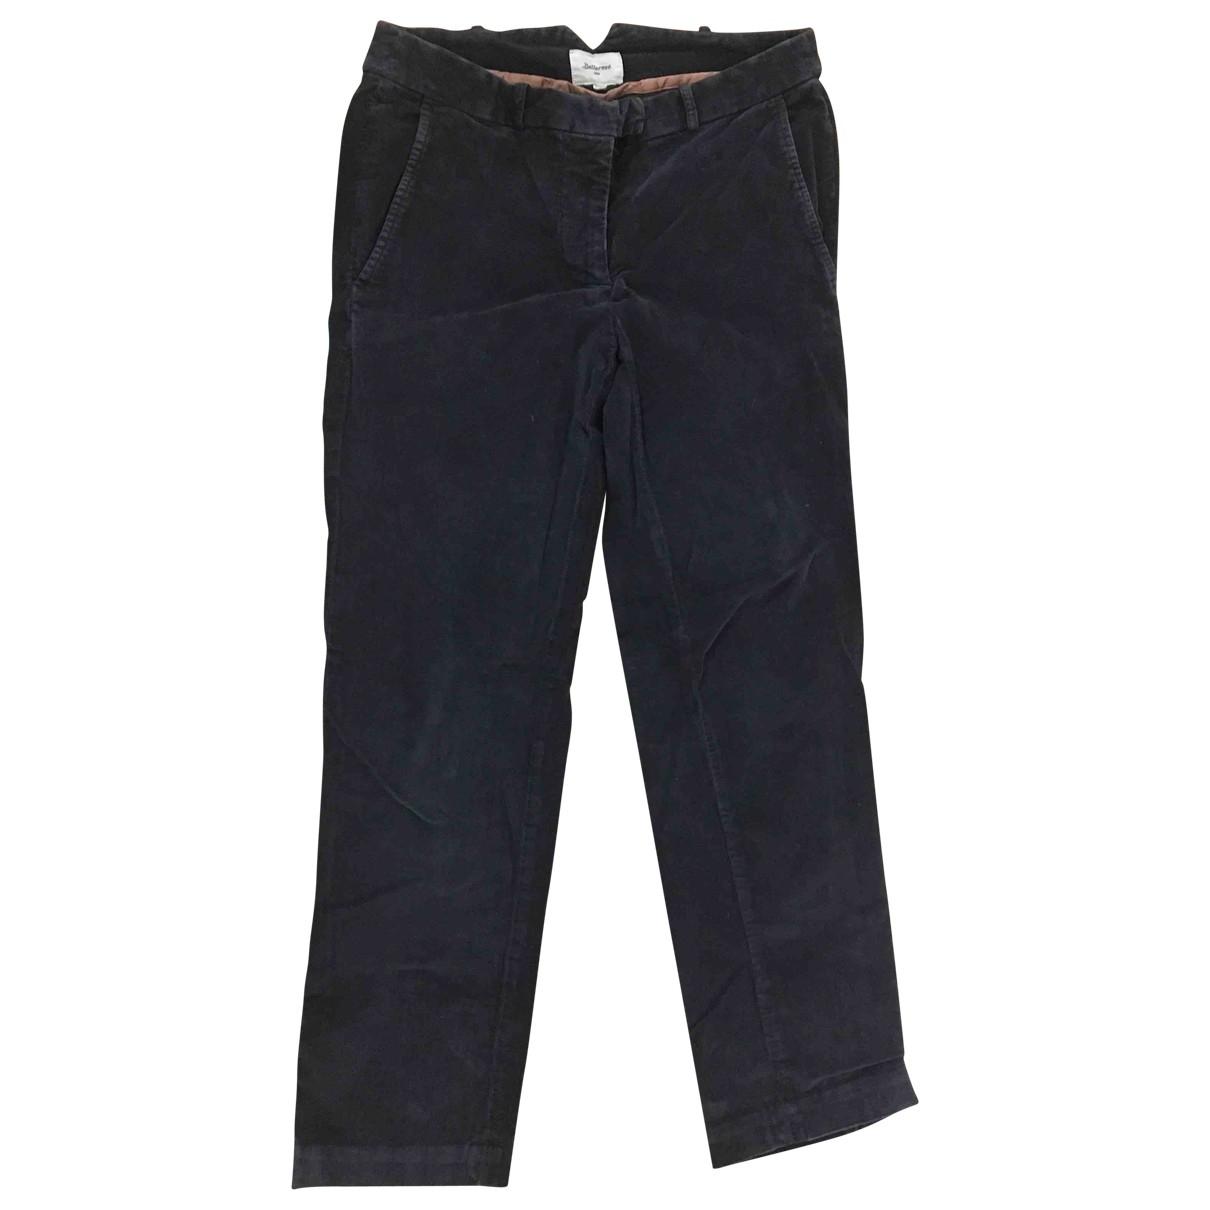 Bellerose - Pantalon   pour femme en velours - gris